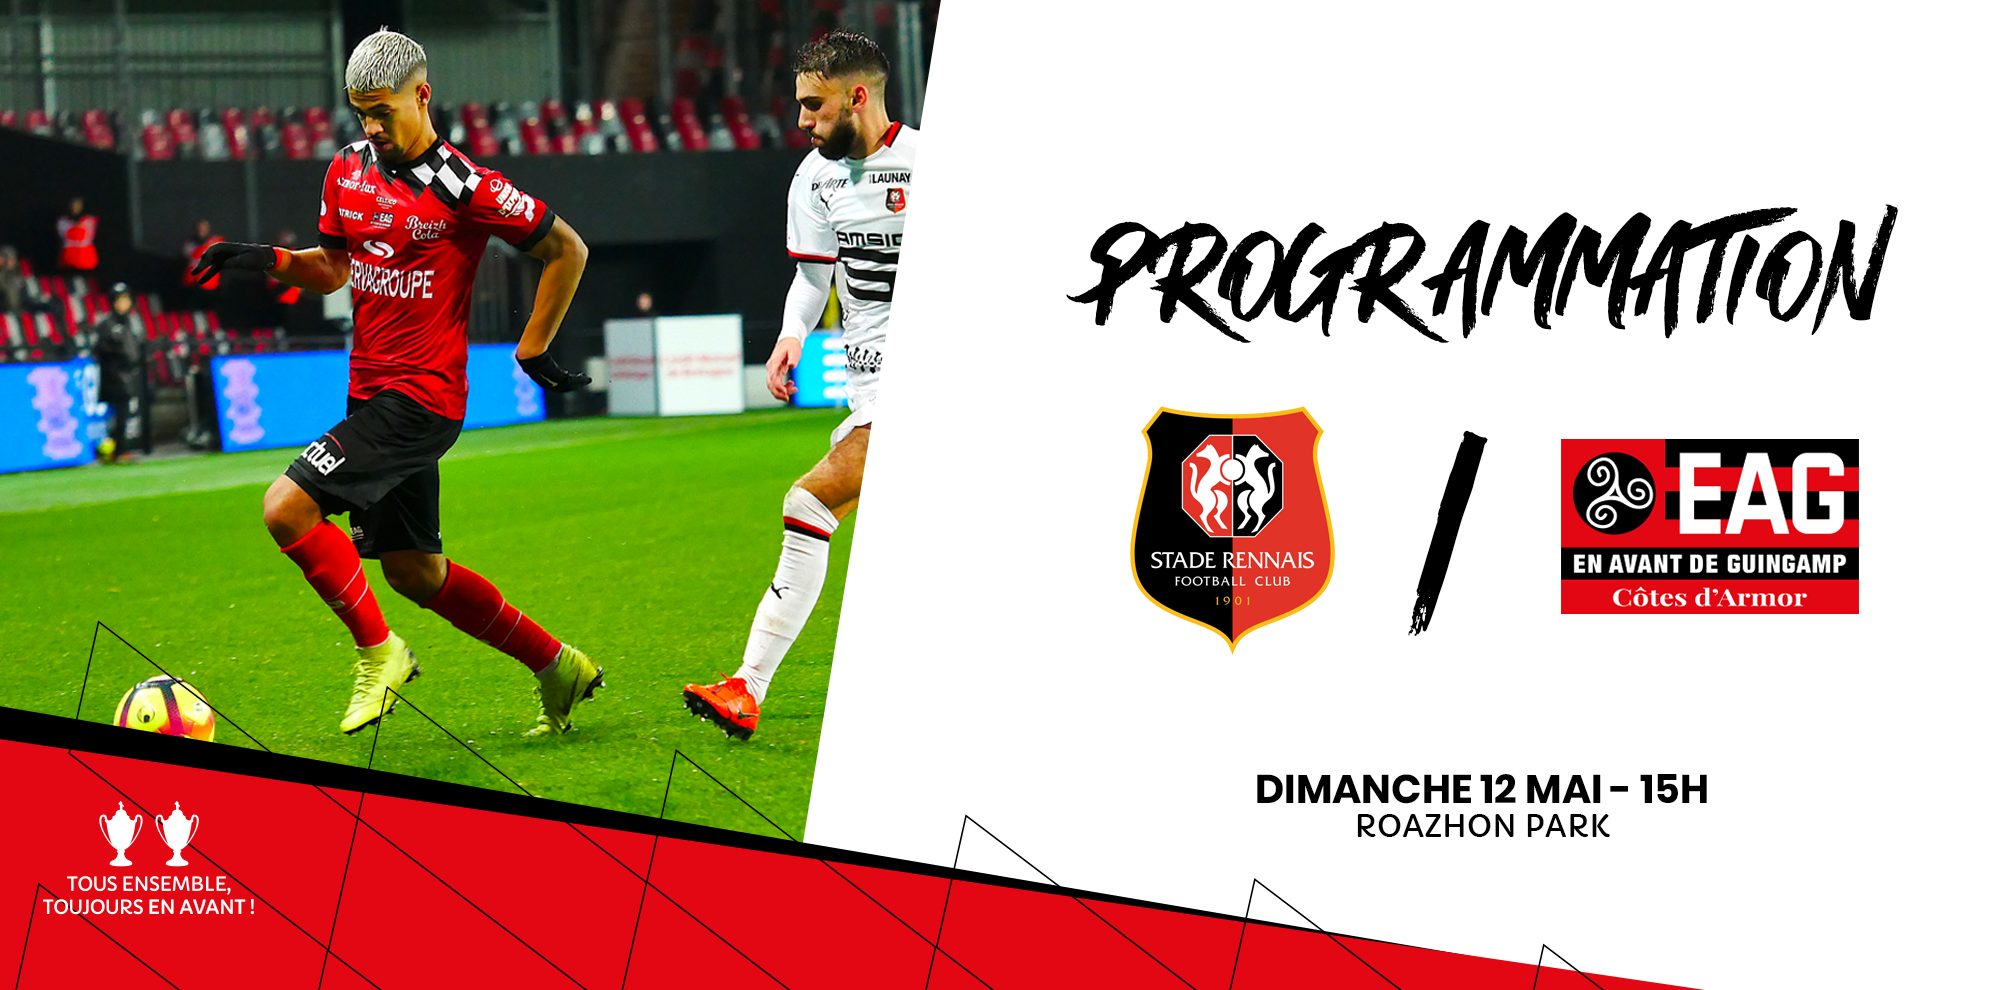 Guingamp et Ngbakoto crucifient Rennes la derni re seconde